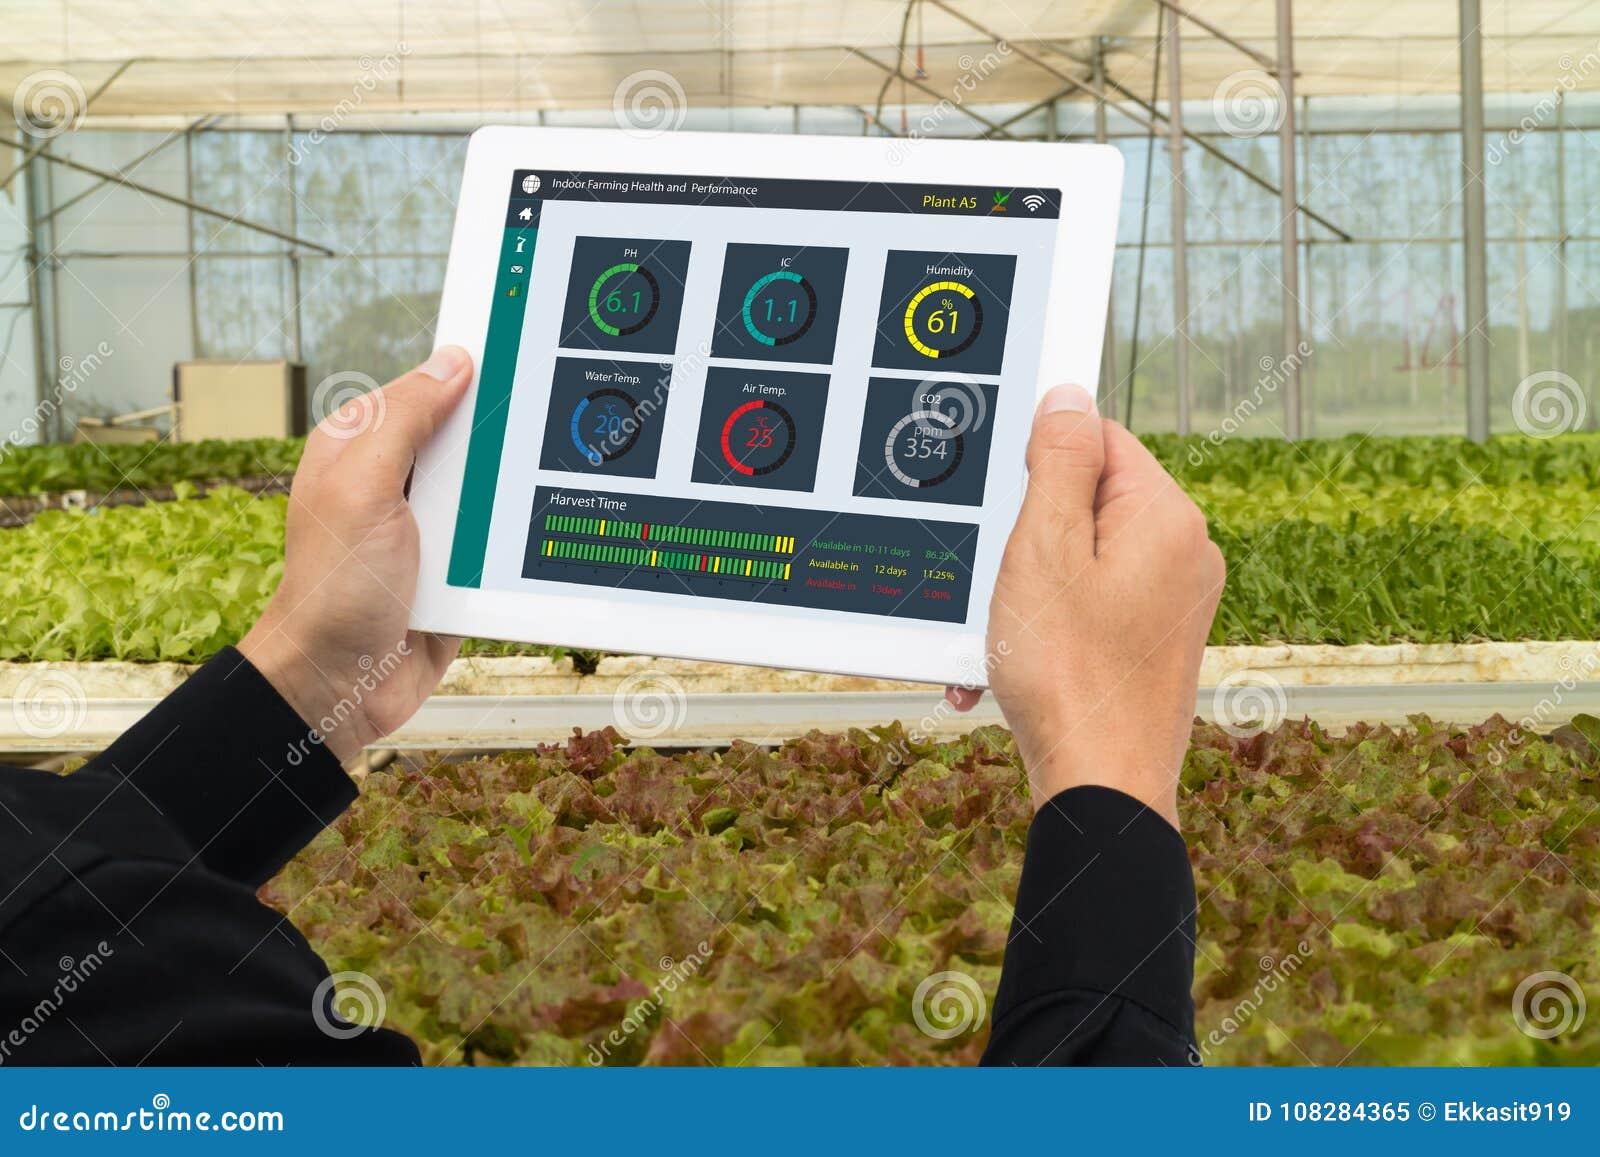 Robot 4 van de Iot slimme industrie 0 het landbouwconcept, industriële agronoom die, landbouwer te controleren tablet gebruiken,